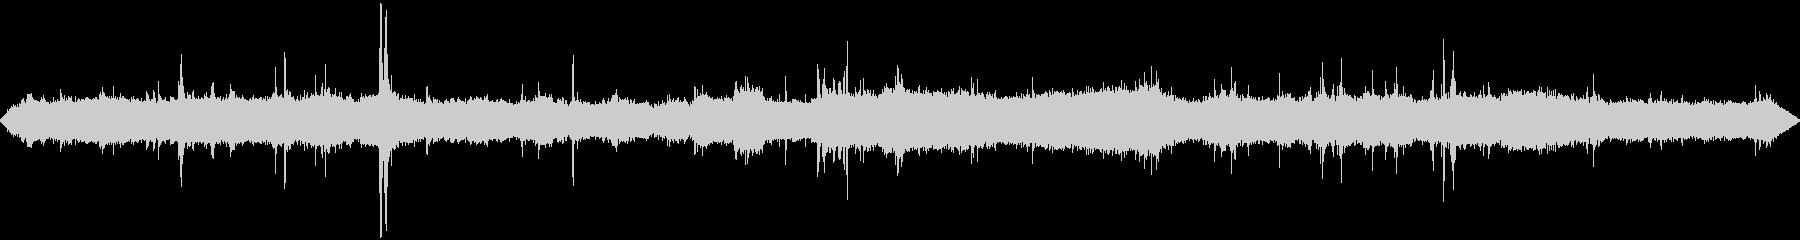 道路工事1  騒音 現場 重機 立体音響の未再生の波形